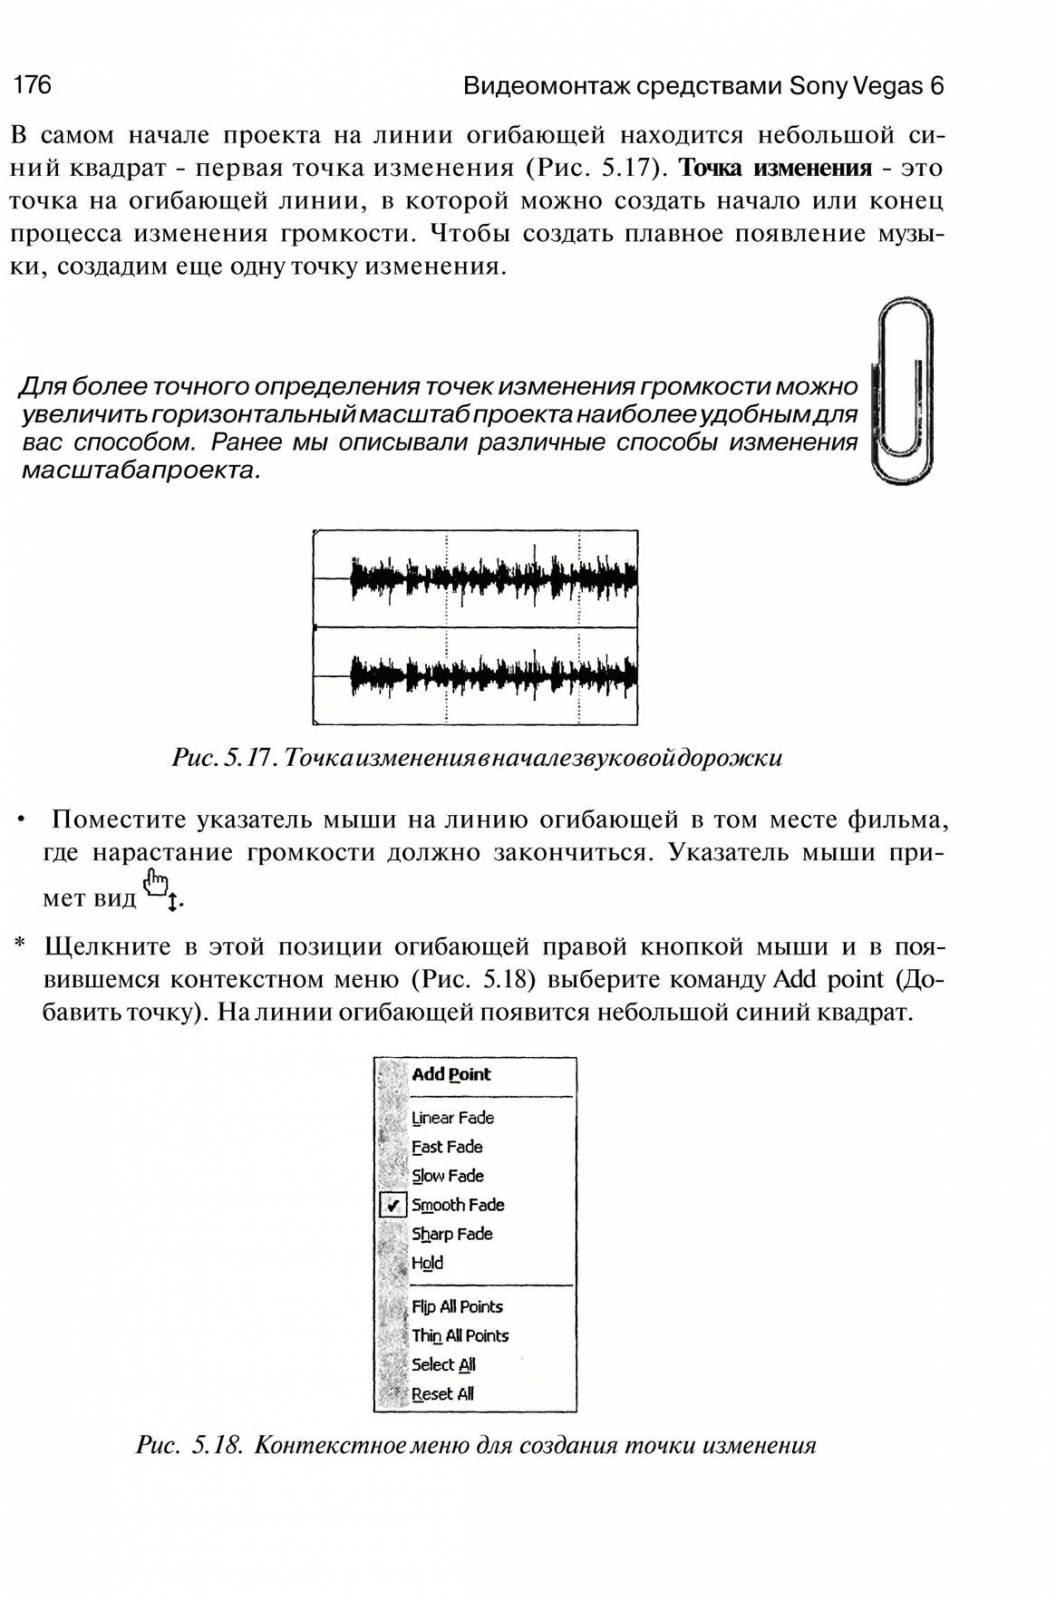 http://redaktori-uroki.3dn.ru/_ph/6/314588648.jpg